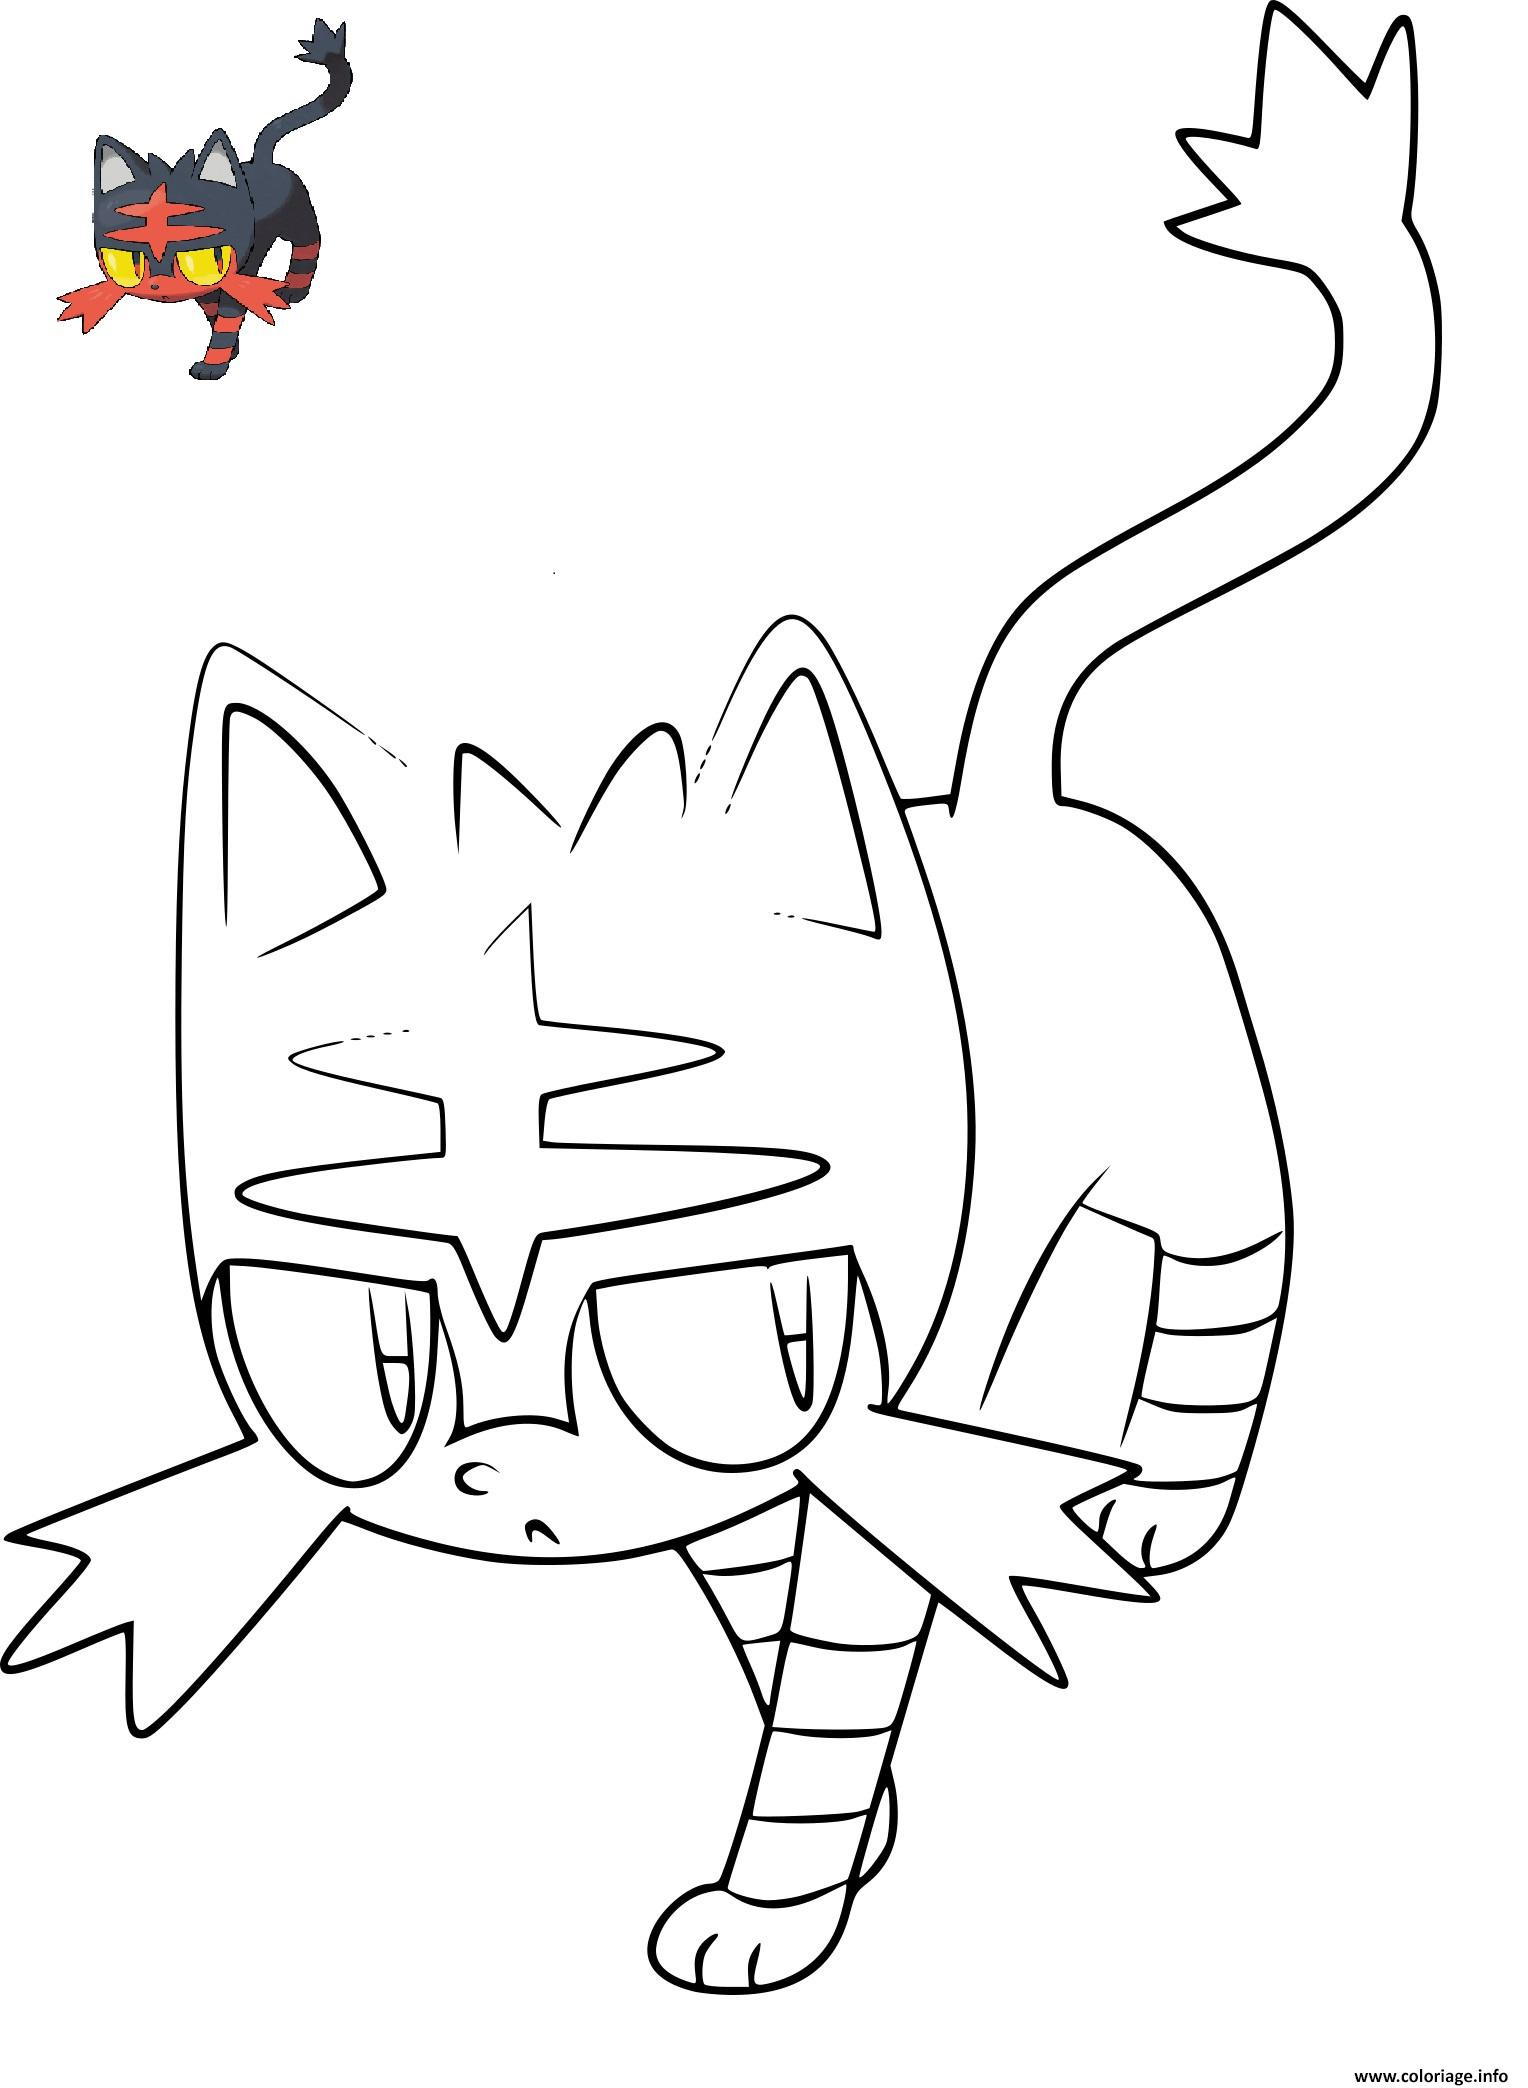 Coloriages à imprimer : Pokemon, numéro : 3486f56d